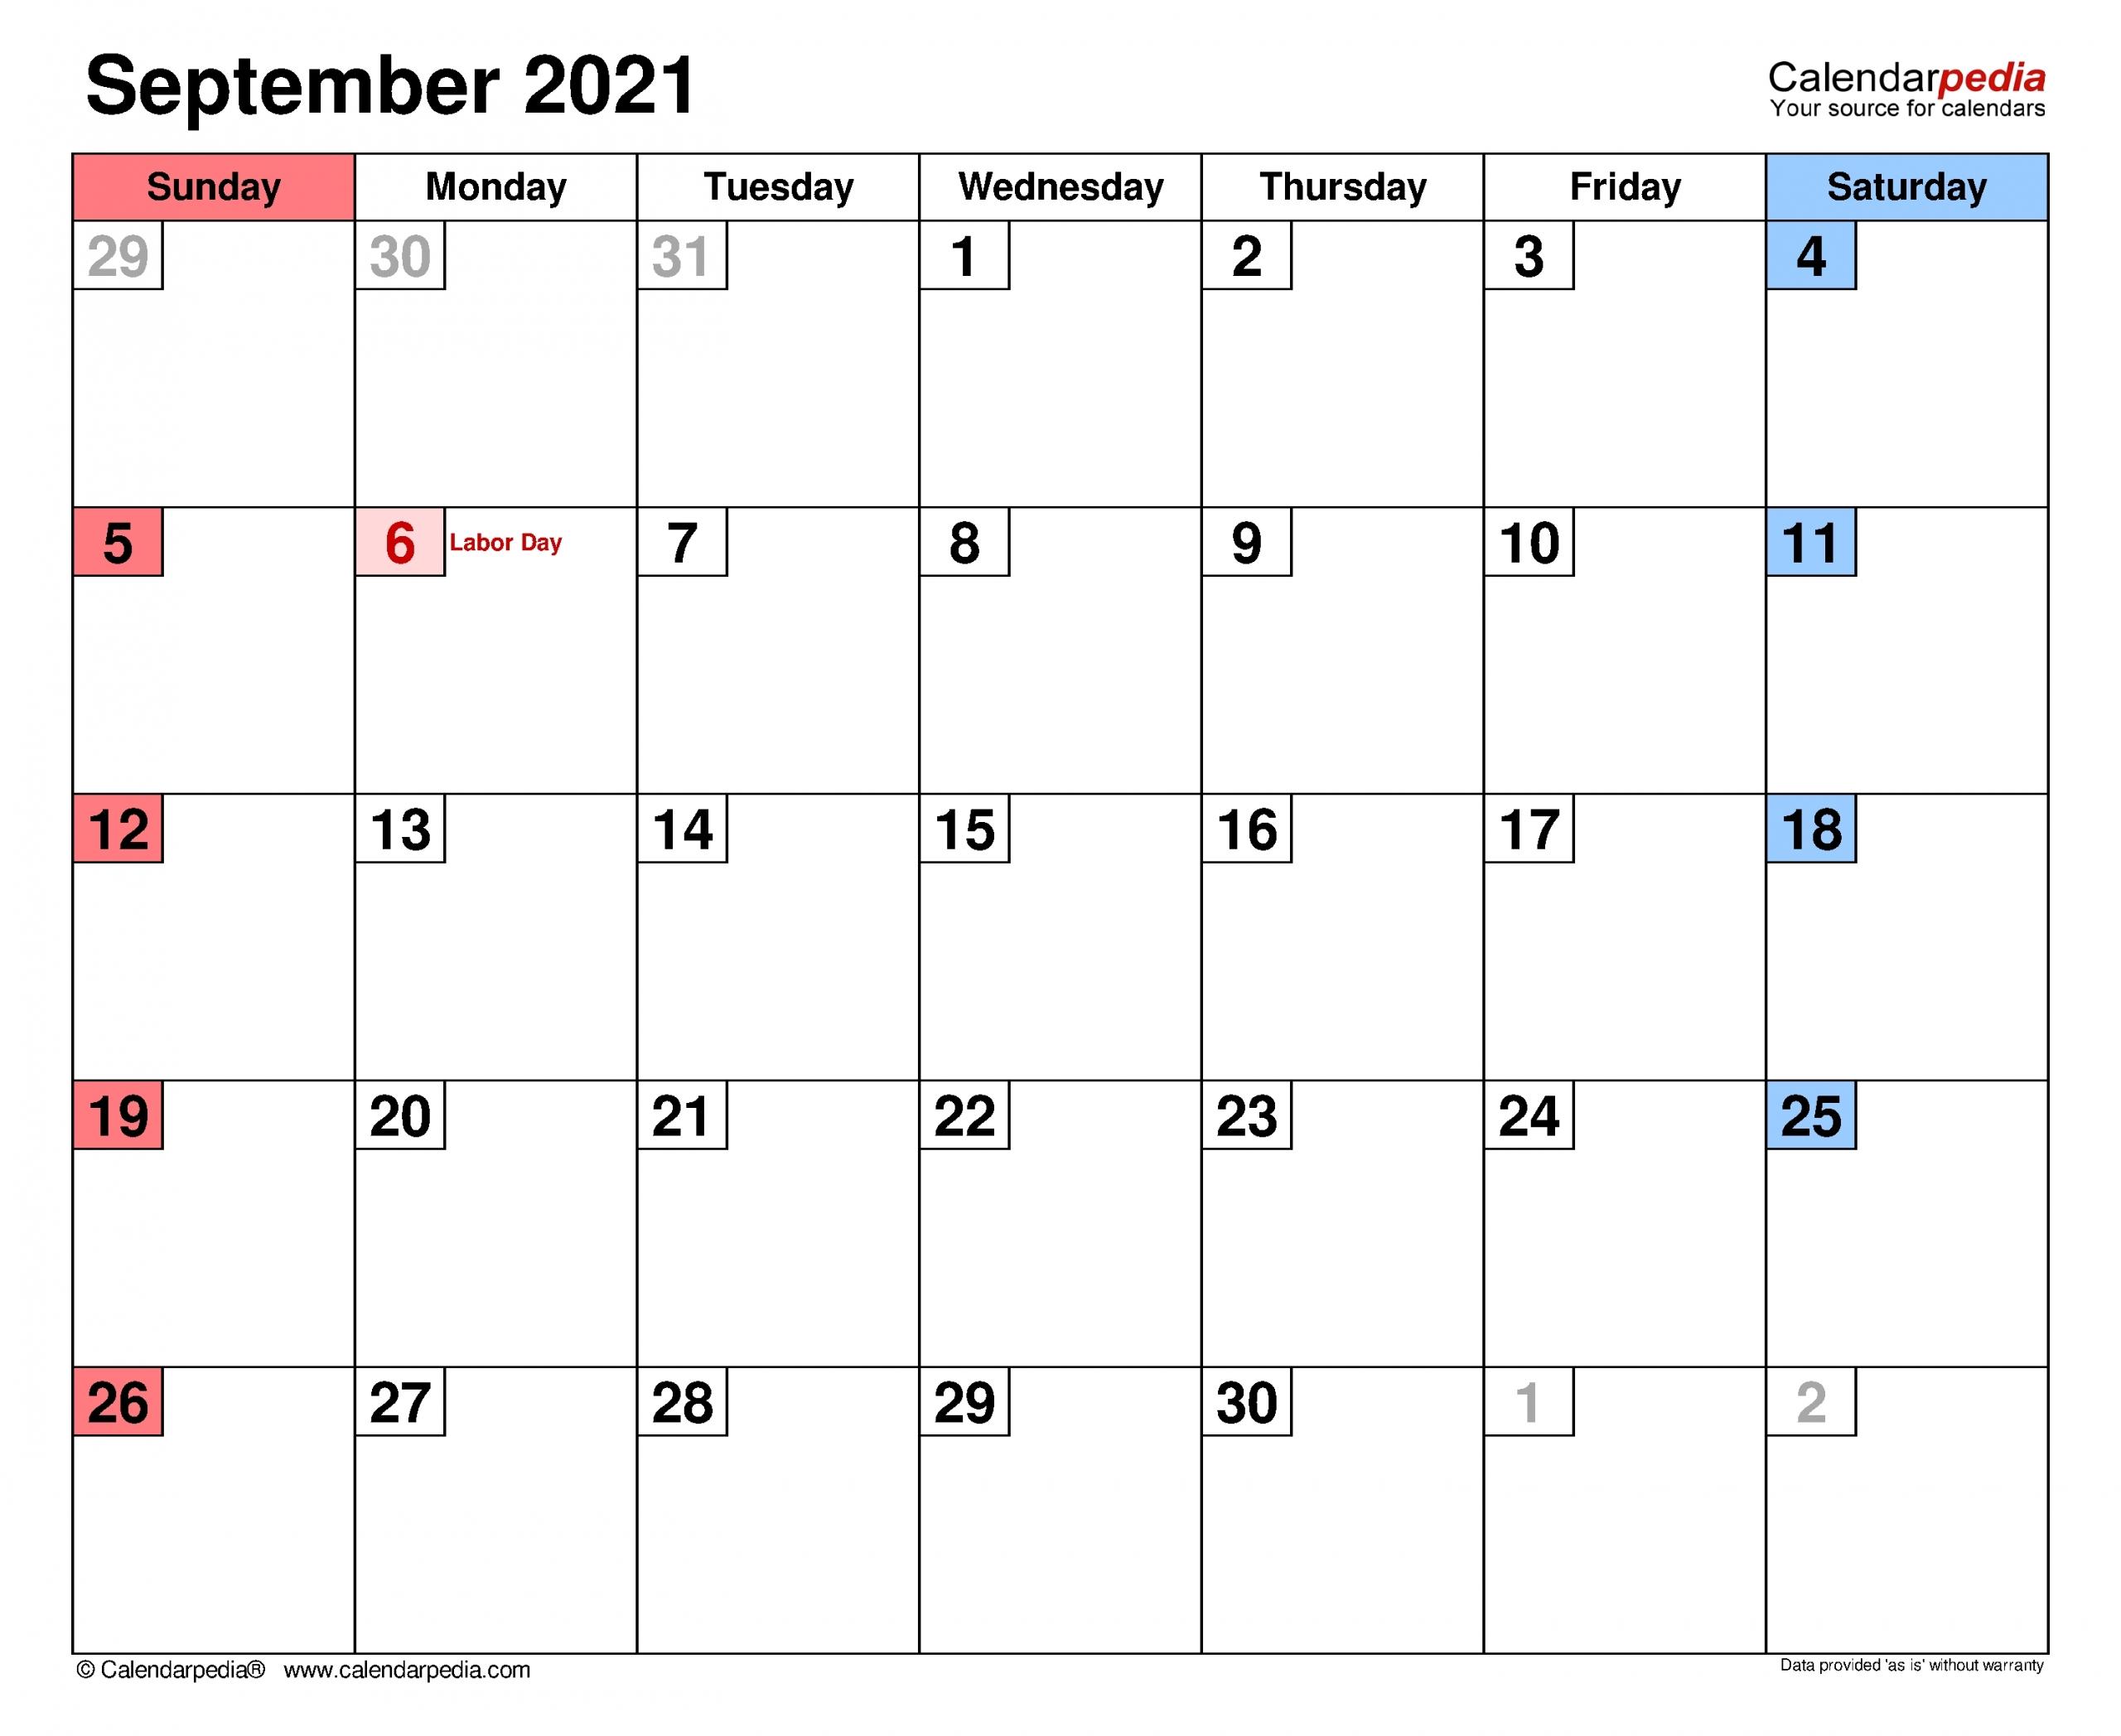 September Calendar 2021 With Holiday | Best Calendar Example September 2020 To September 2021 Calendar